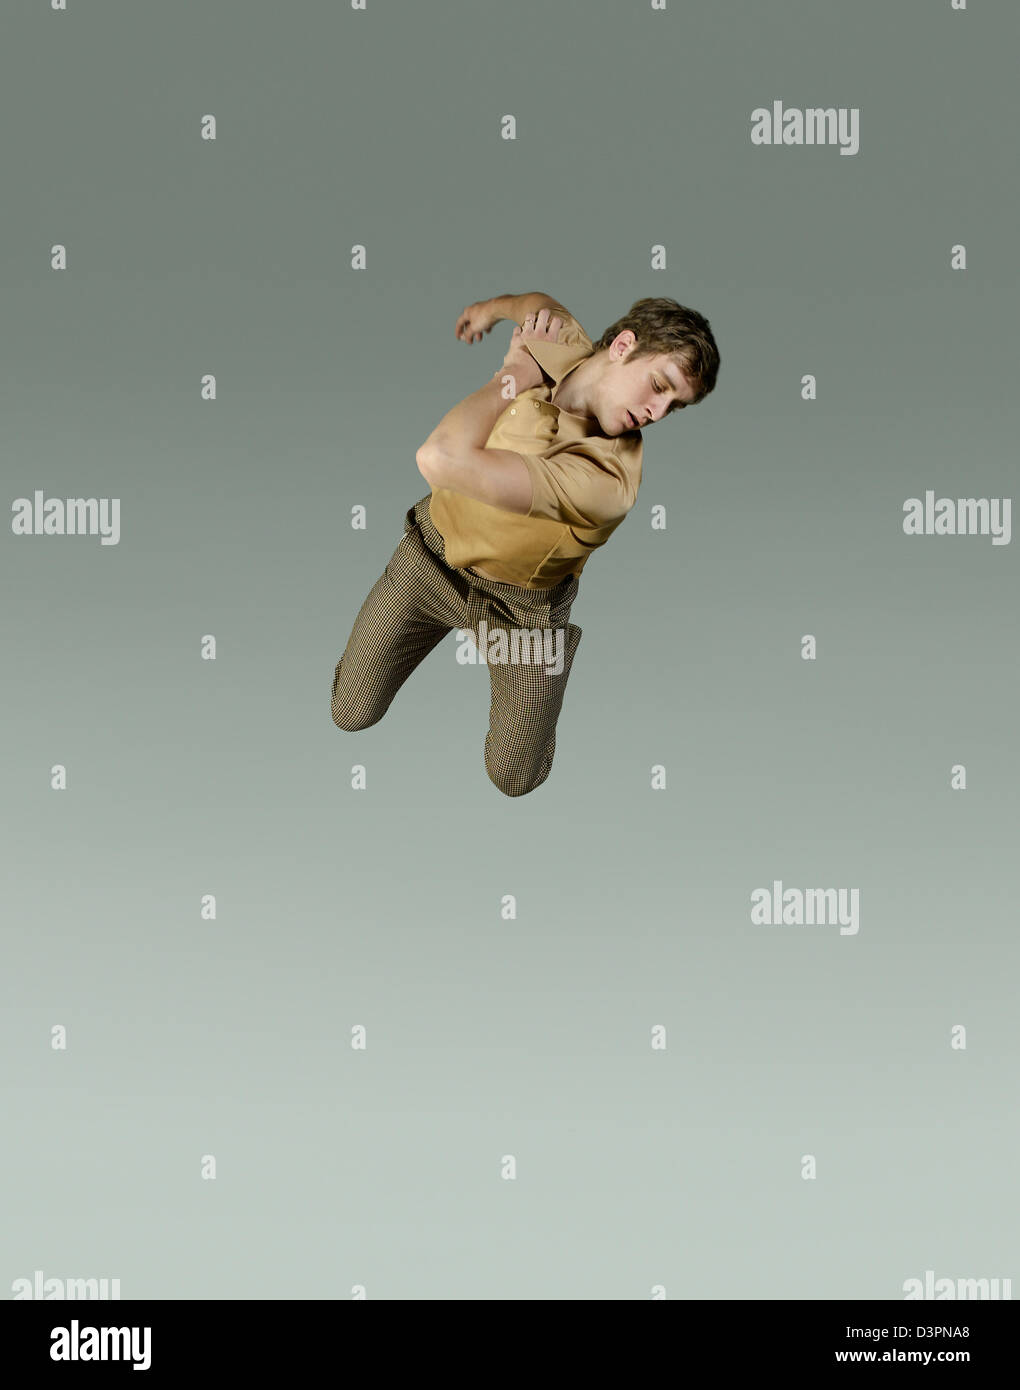 Les humains congelés flottant dans l'air Photo Stock